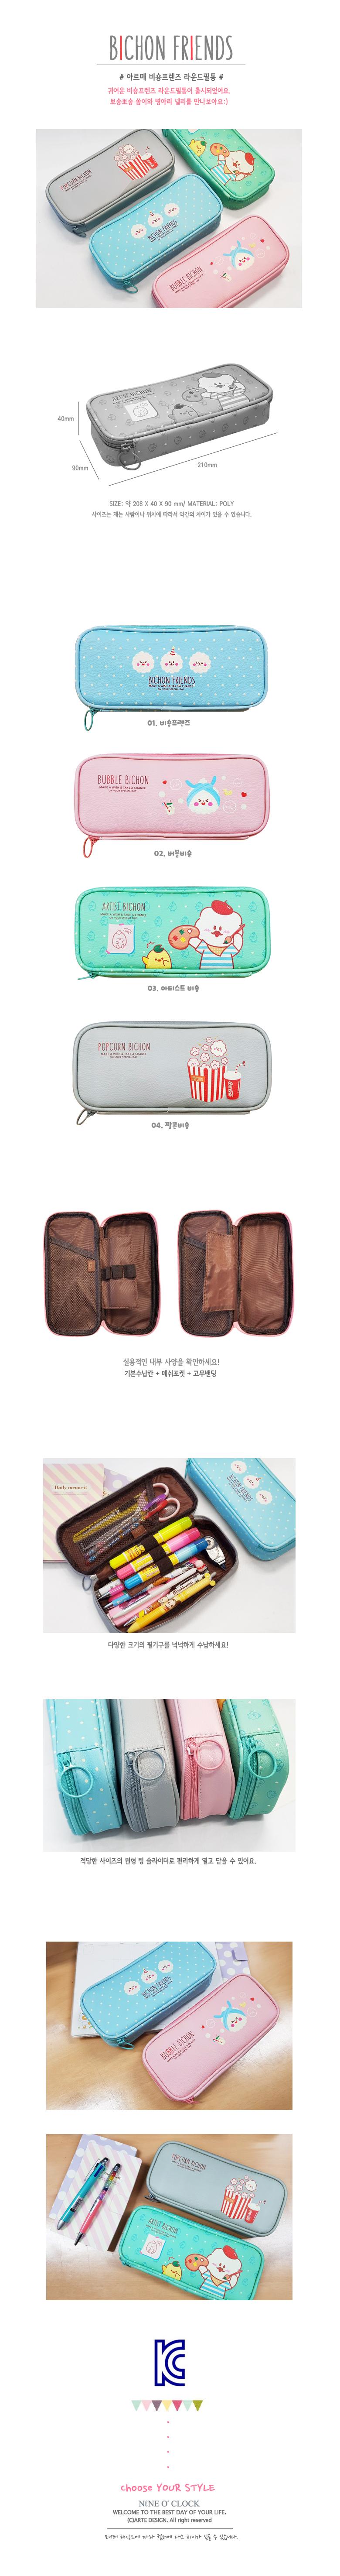 비숑프렌즈 라운드필통 - 나인어클락, 6,000원, 가죽/합성피혁필통, 캐릭터